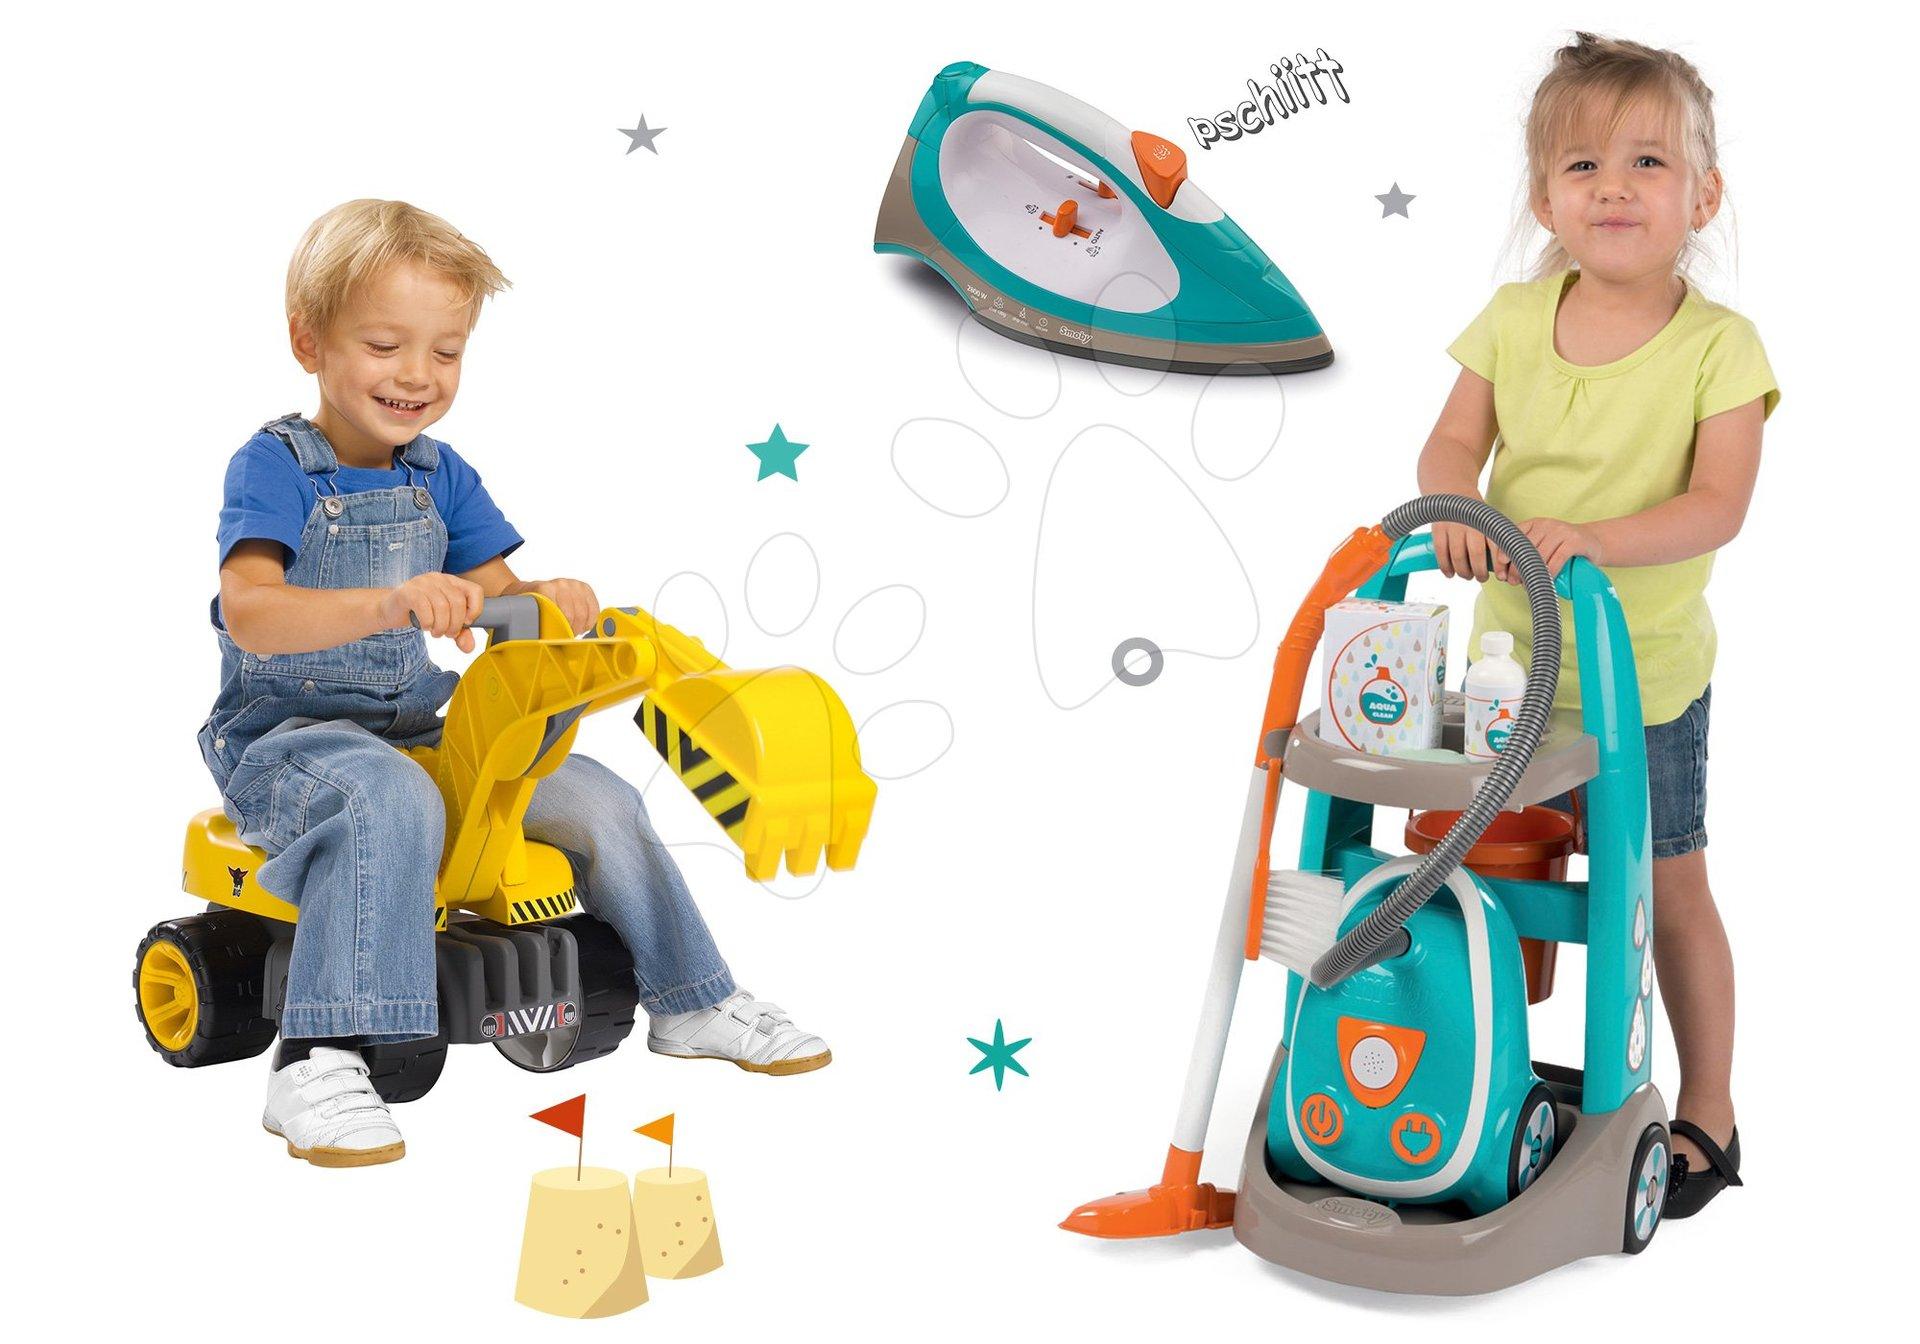 Hry na domácnosť - Set upratovací vozík s elektronickým vysávačom Vacuum Cleaner Smoby a elektronická žehlička a odrážadlo s bagrom